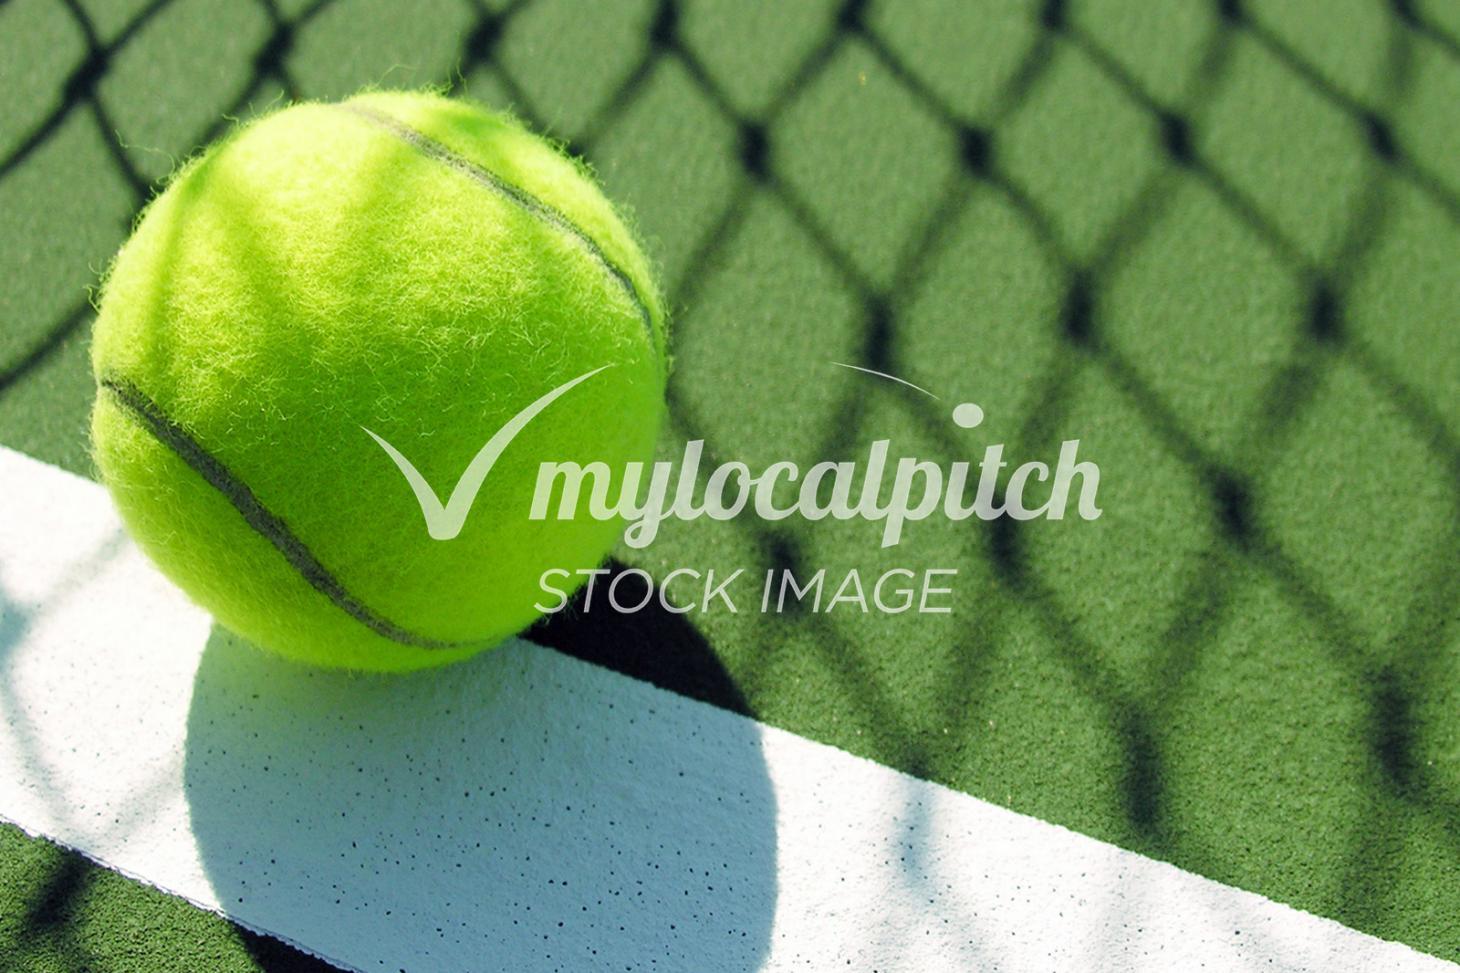 Virgin Active Fulham Outdoor   Hard (macadam) tennis court